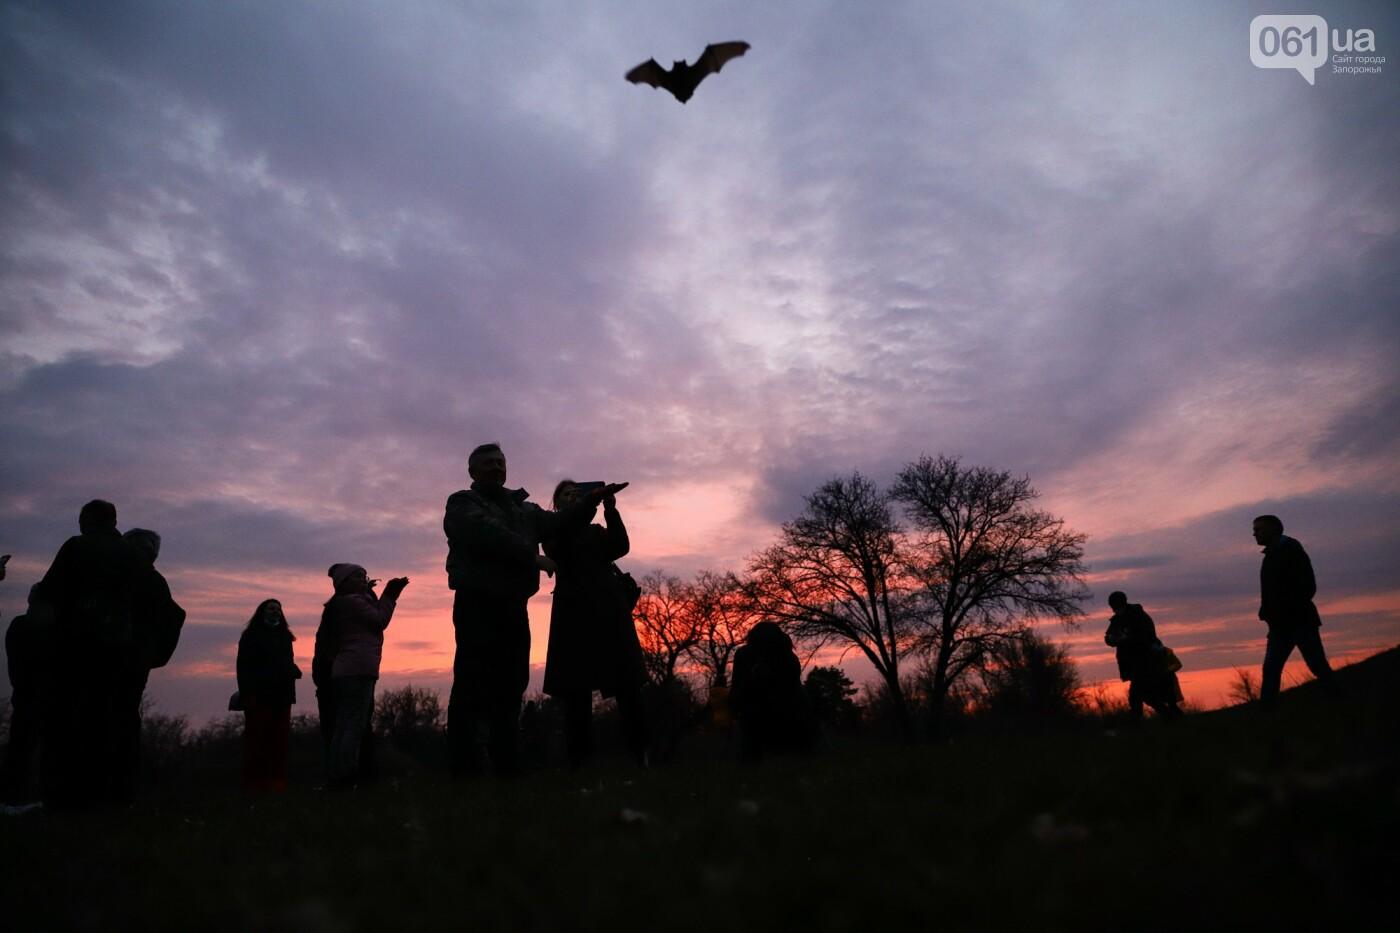 На Хортице выпустили более 700 летучих мышей, спасенных волонтерами, - ФОТОРЕПОРТАЖ, фото-29